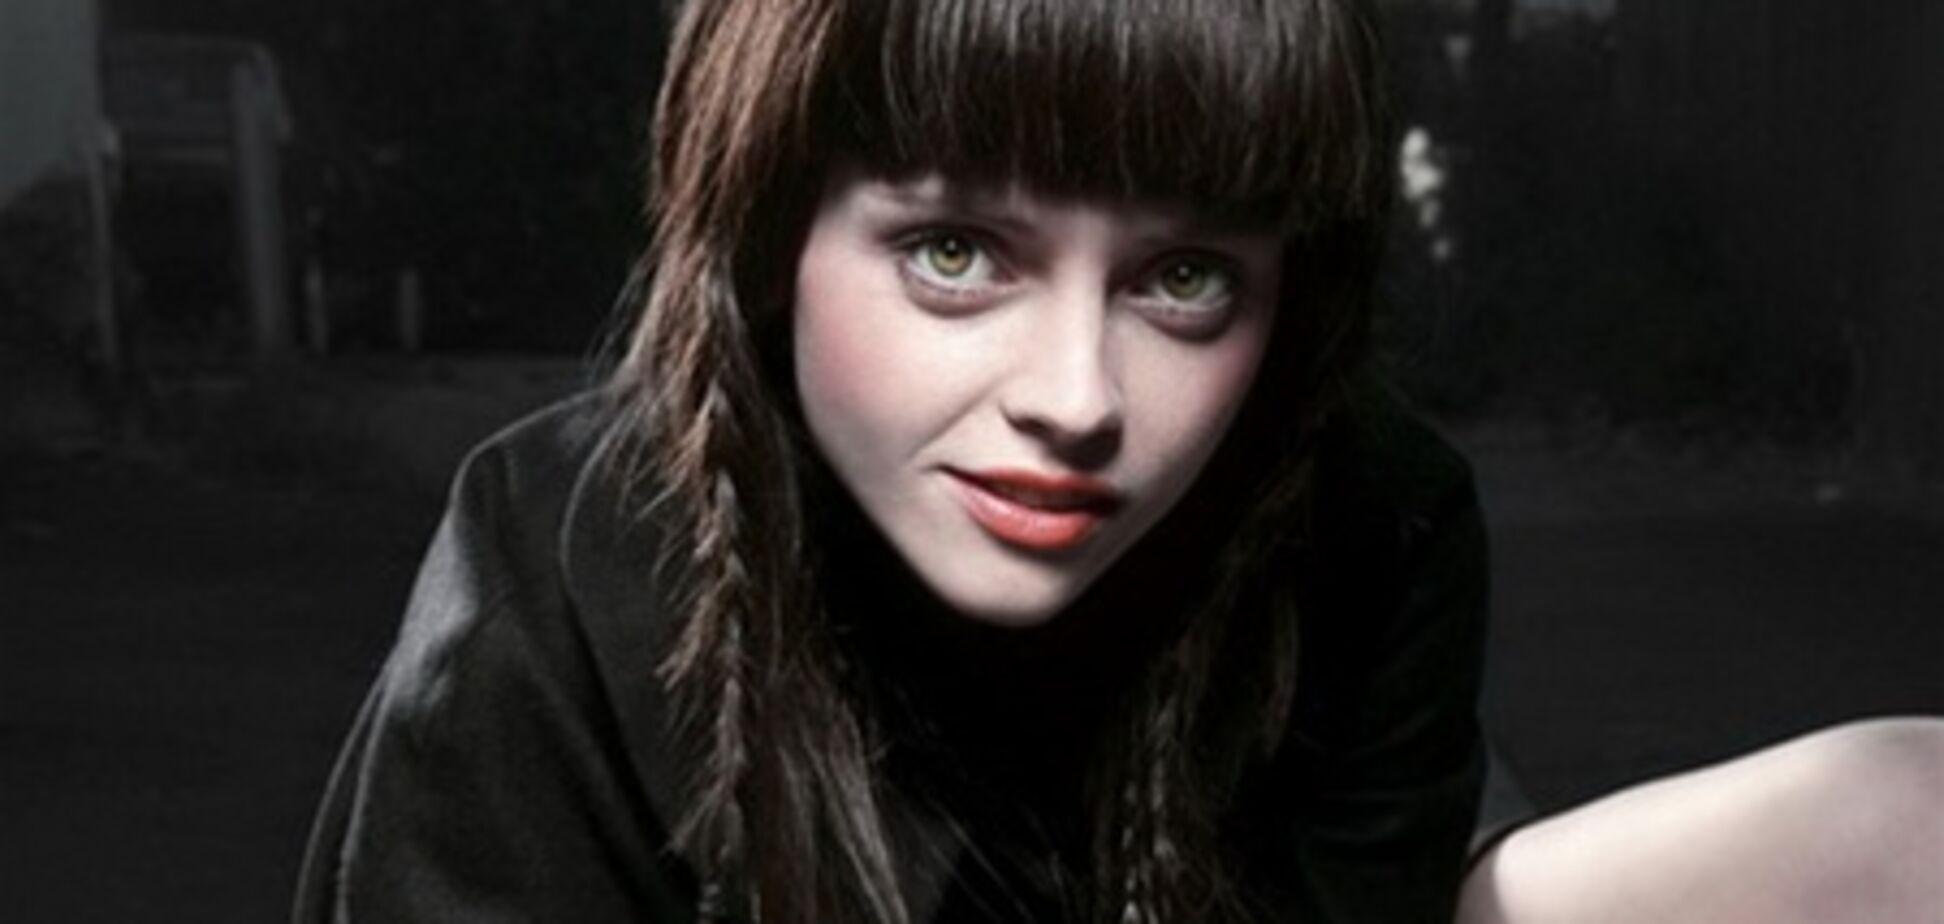 И жуткая, и красивая Кристина Риччи